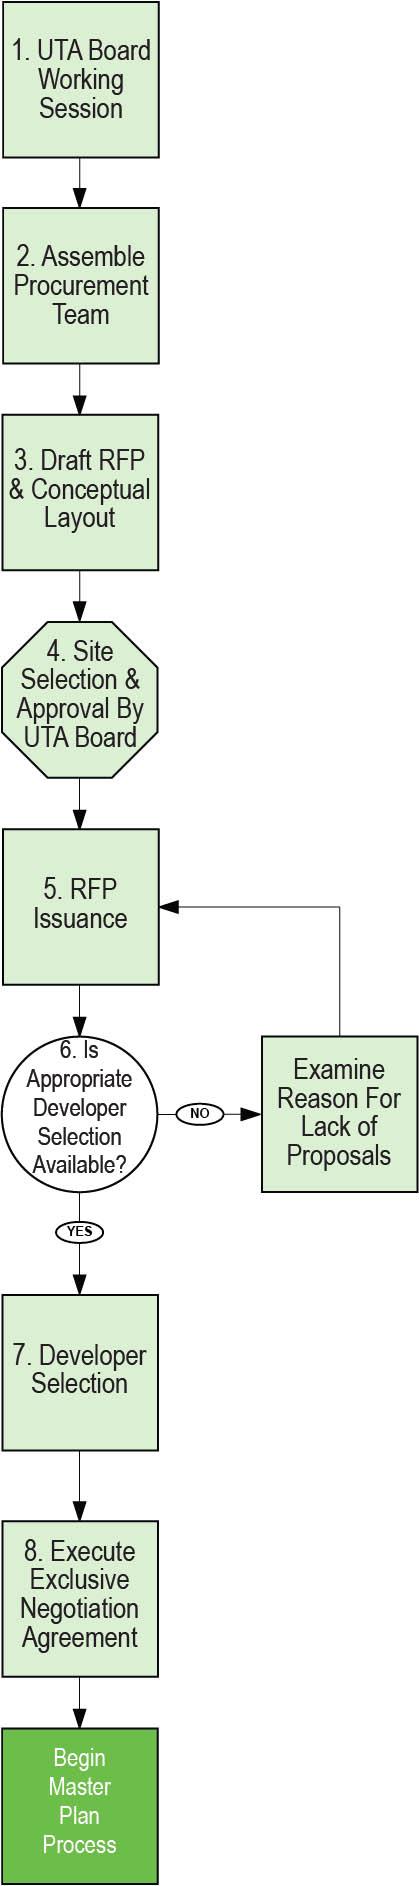 Conceptual Layout Procurement